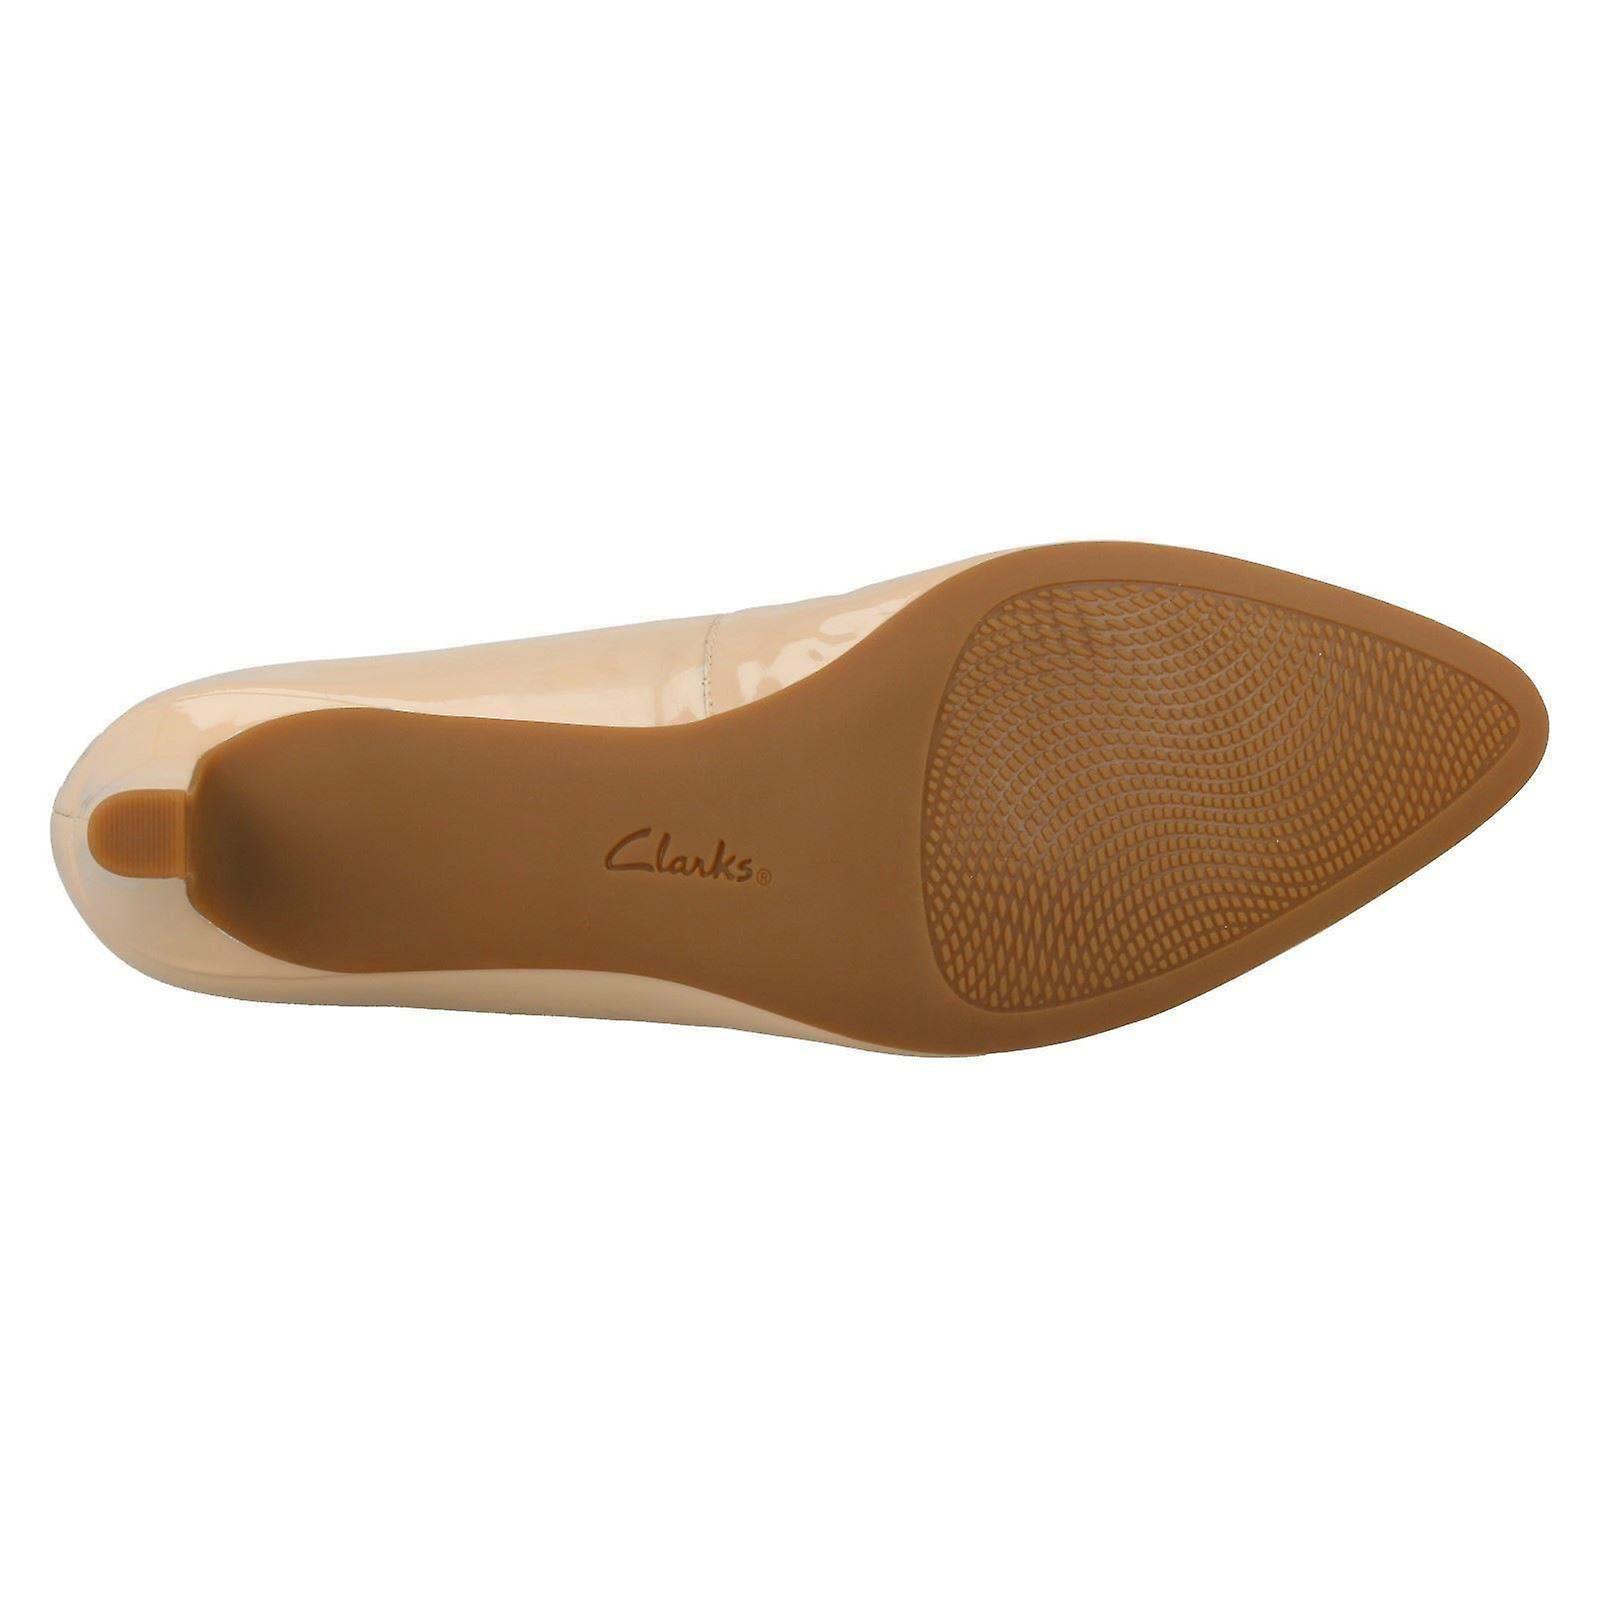 5M US UK Size Ladies Clarks Calla Shoes Cream Court EU Textured Patent 39 6D Size 8 5 Rose Size pZp8U